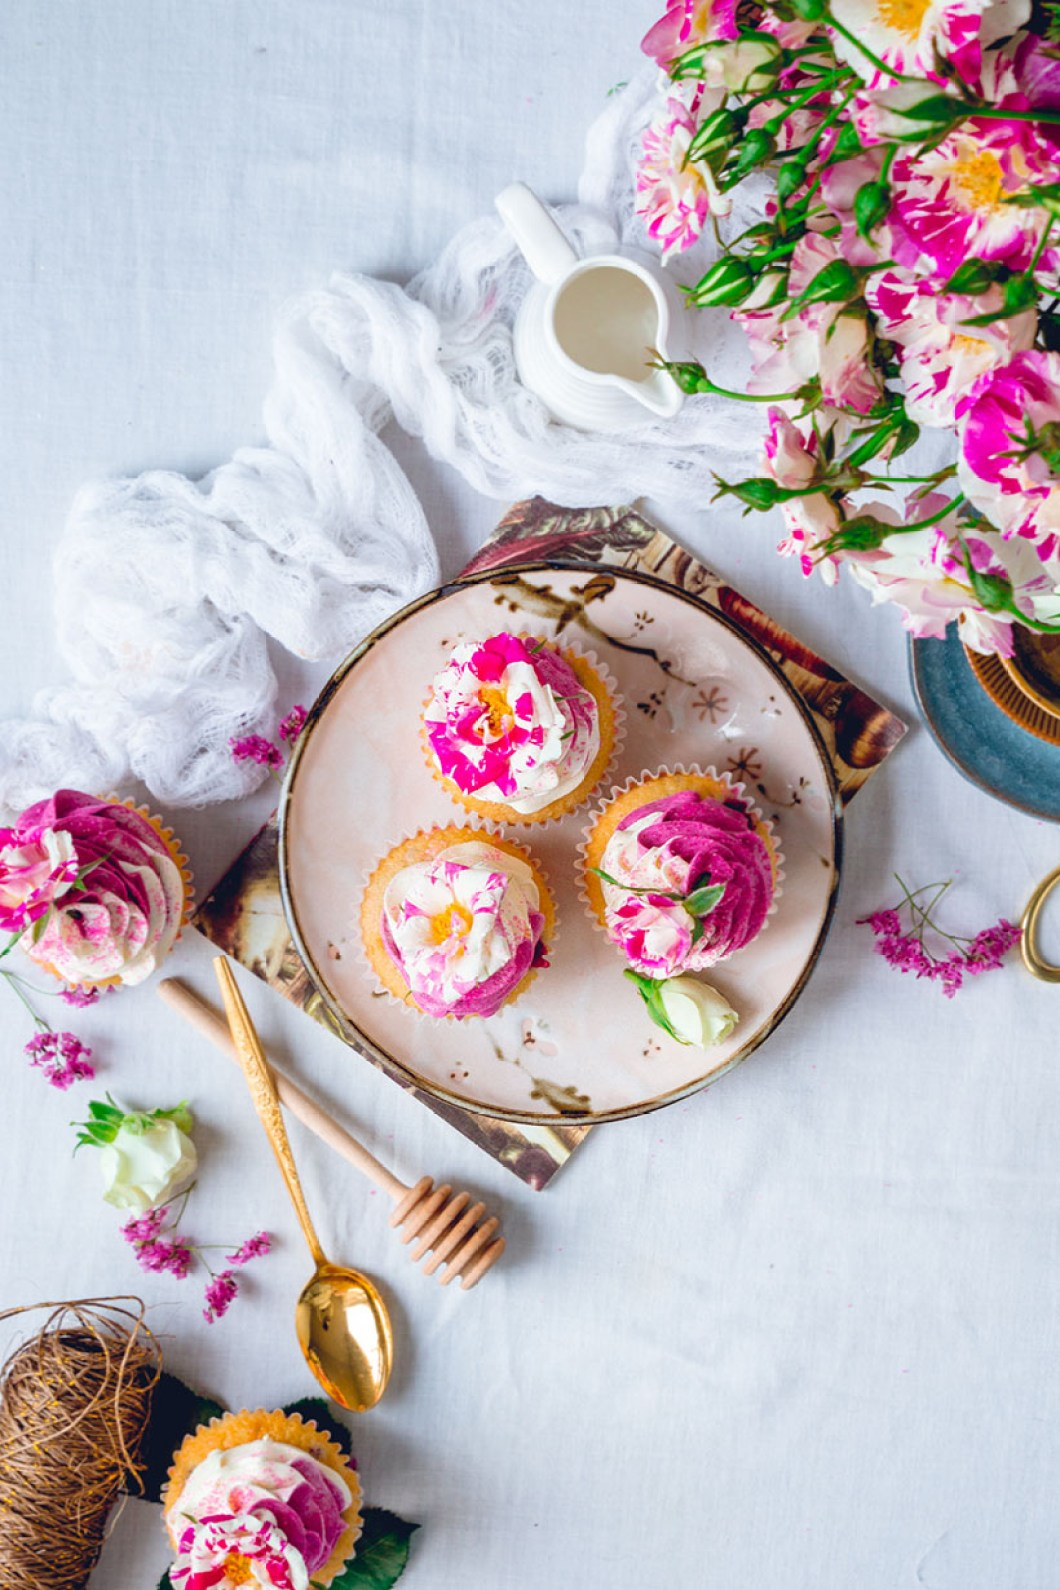 cupcakes_blackberry-8906